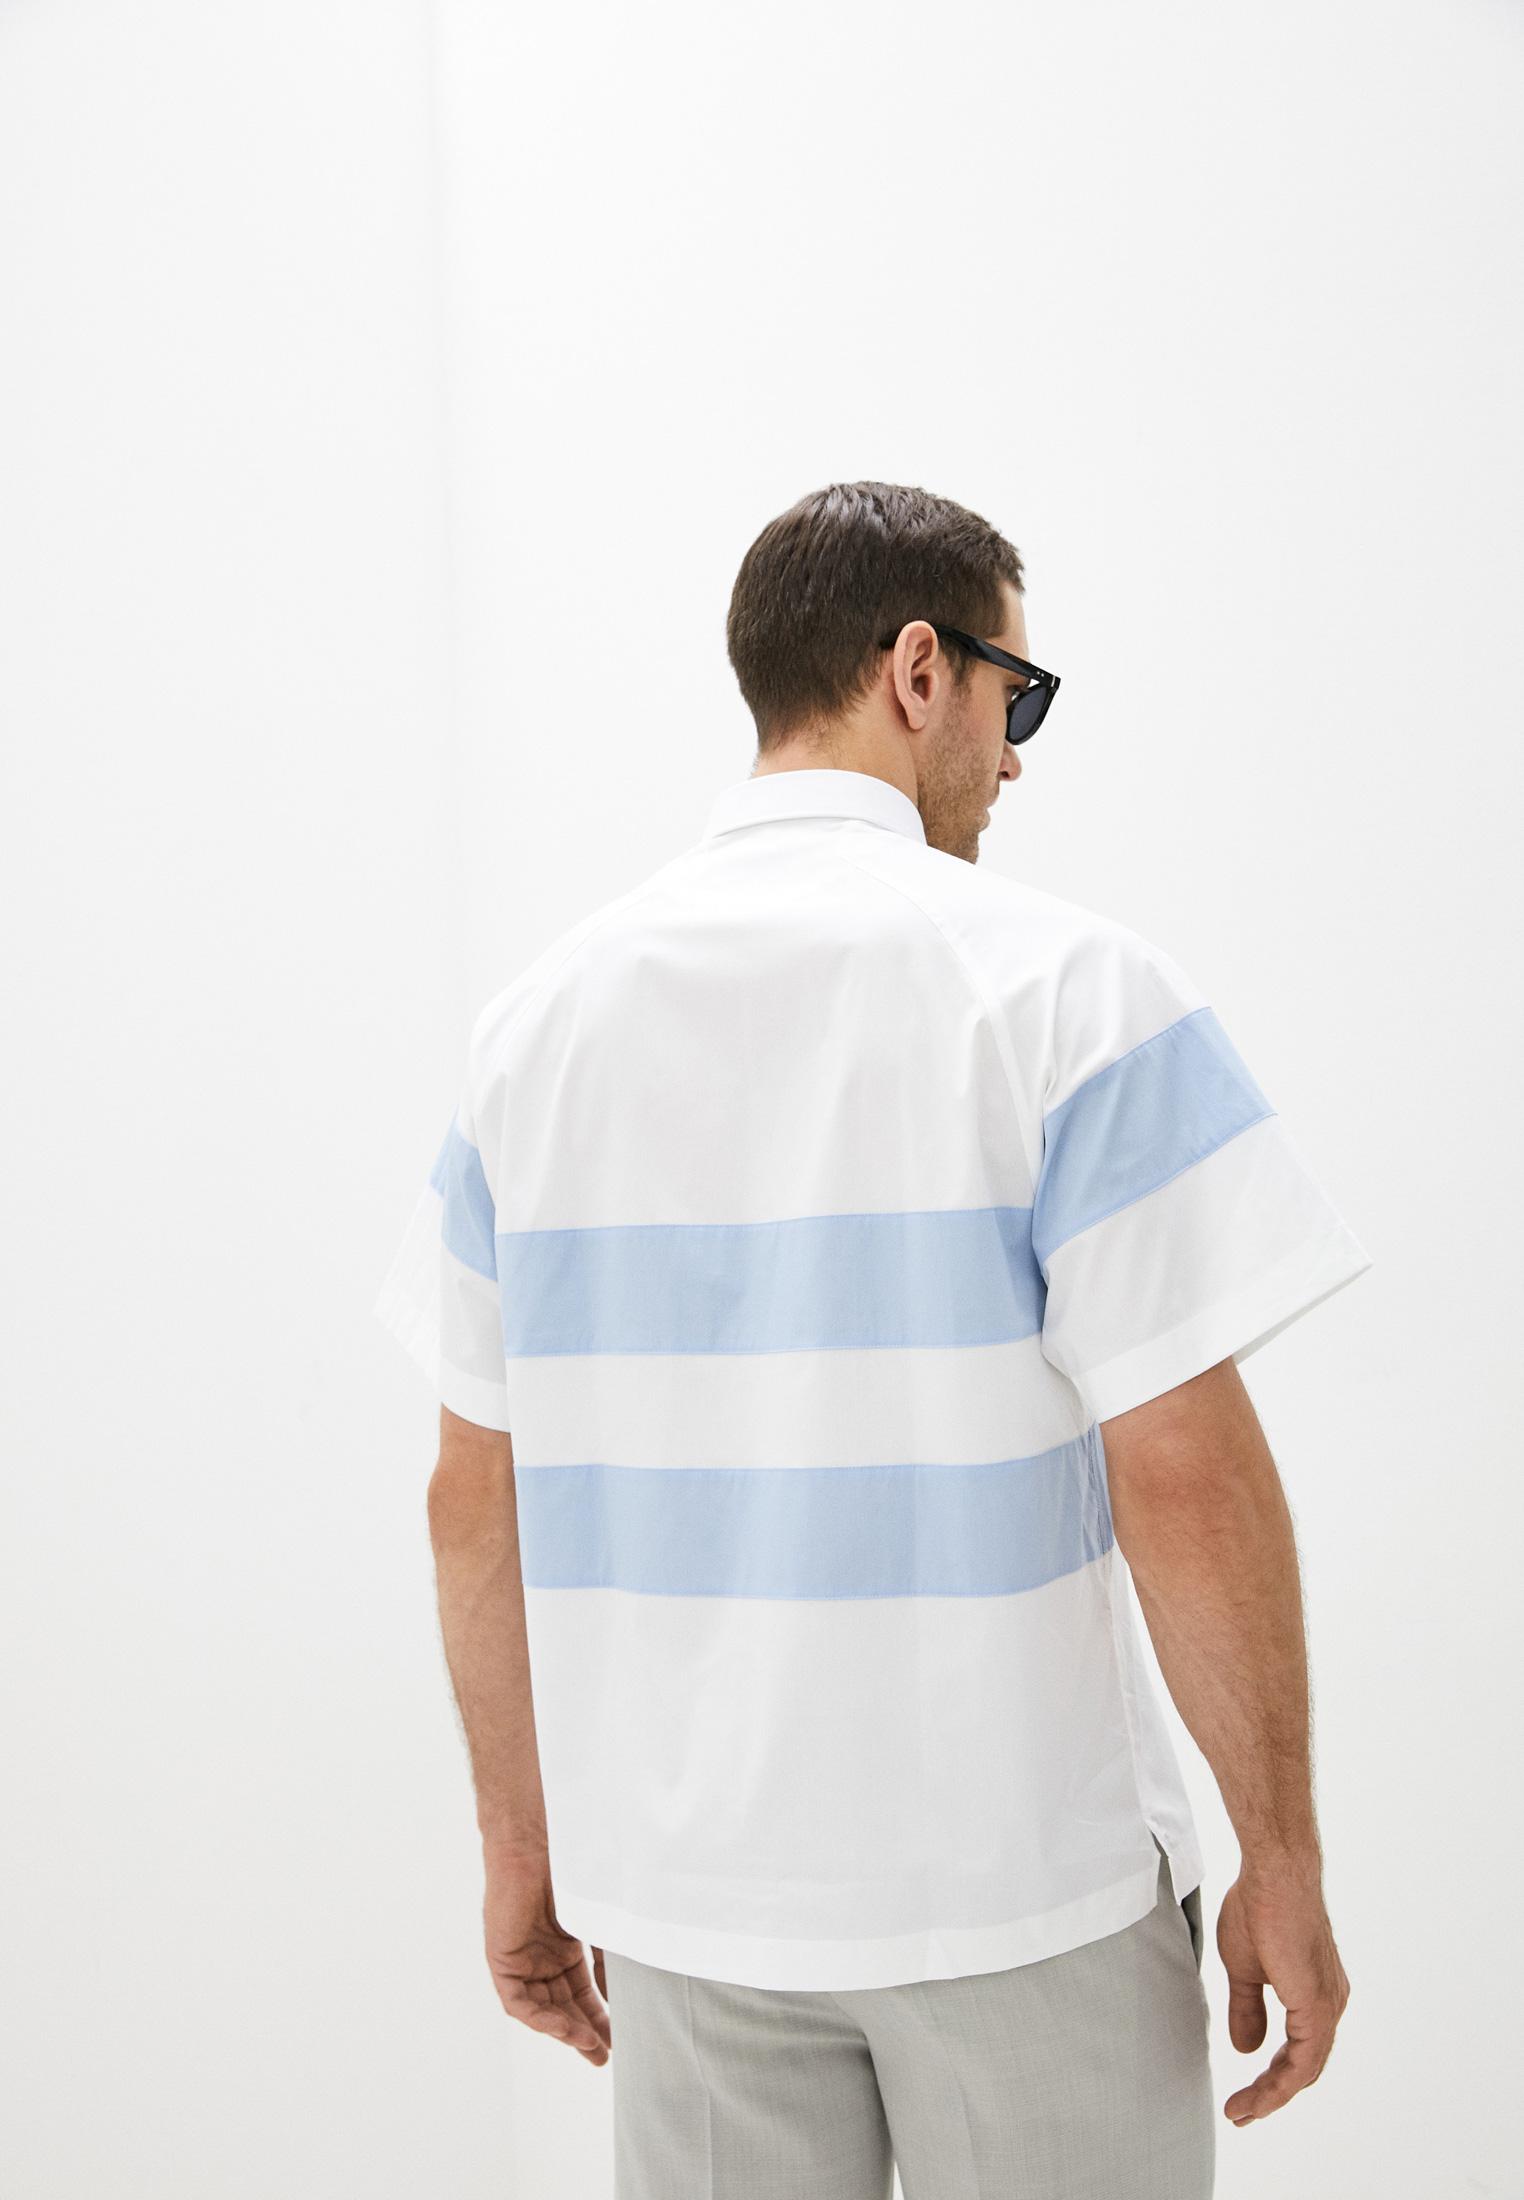 Рубашка с коротким рукавом Bikkembergs (Биккембергс) C C 069 00 S 2931: изображение 4